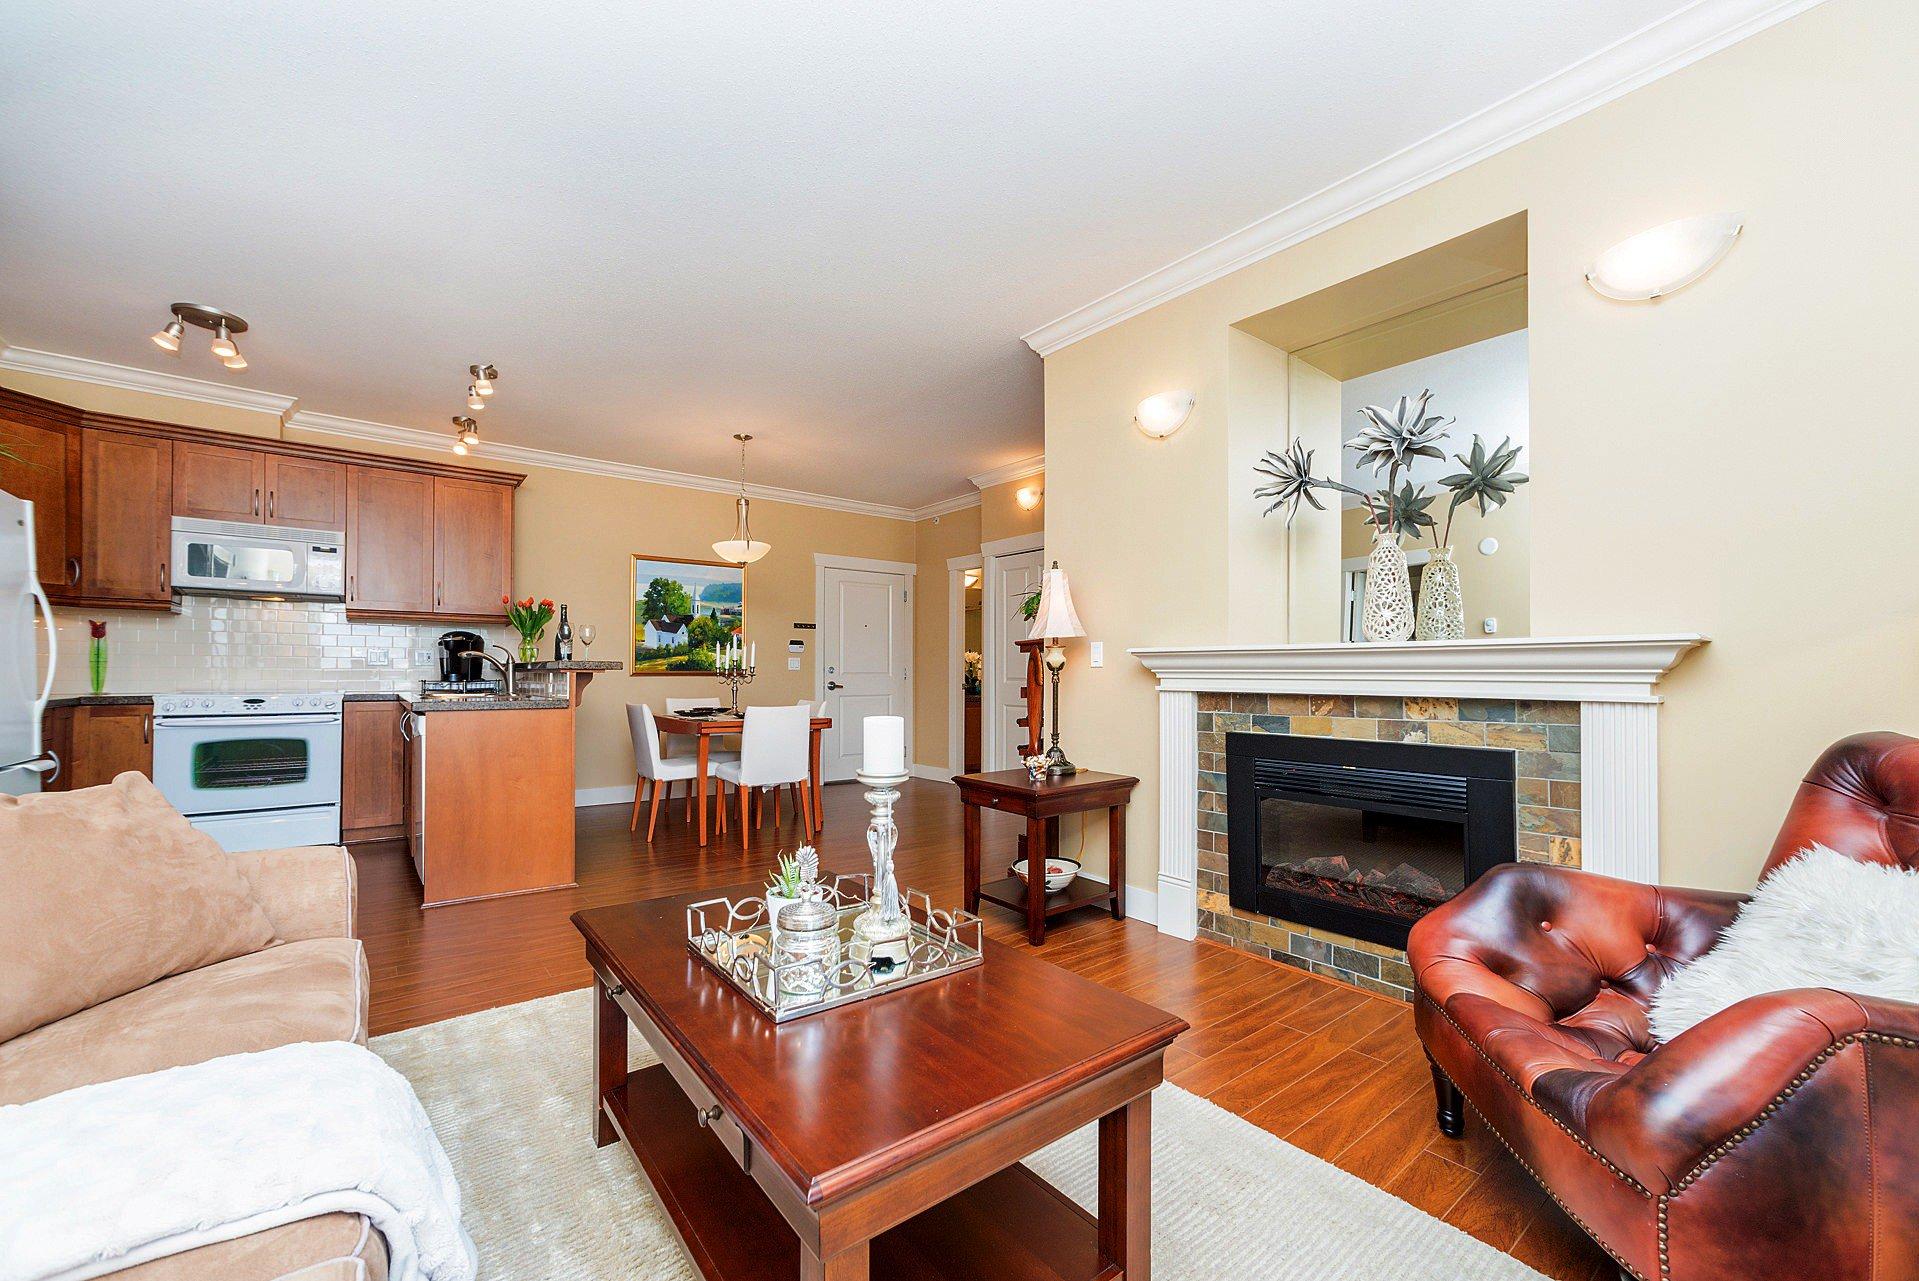 """Photo 11: Photos: 408 15368 17A Avenue in Surrey: King George Corridor Condo for sale in """"OCEAN WYNDE"""" (South Surrey White Rock)  : MLS®# R2249492"""